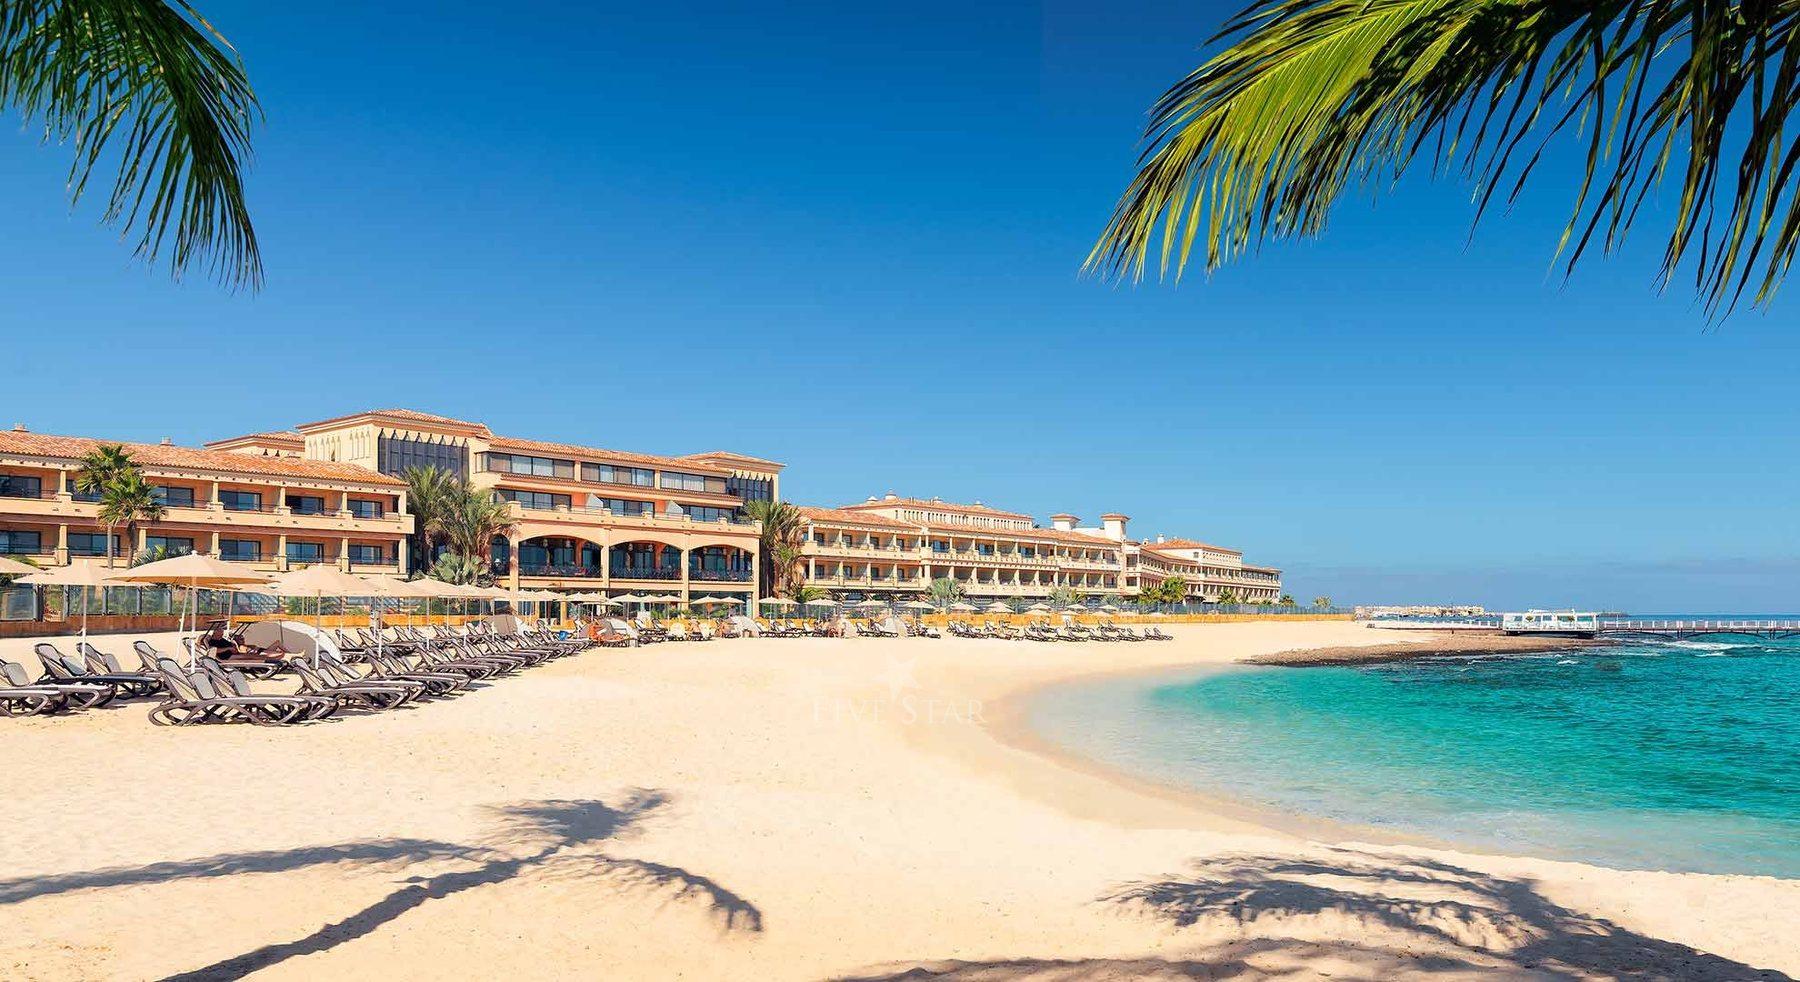 Gran Hotel Atlantis Bahia Real photo 10